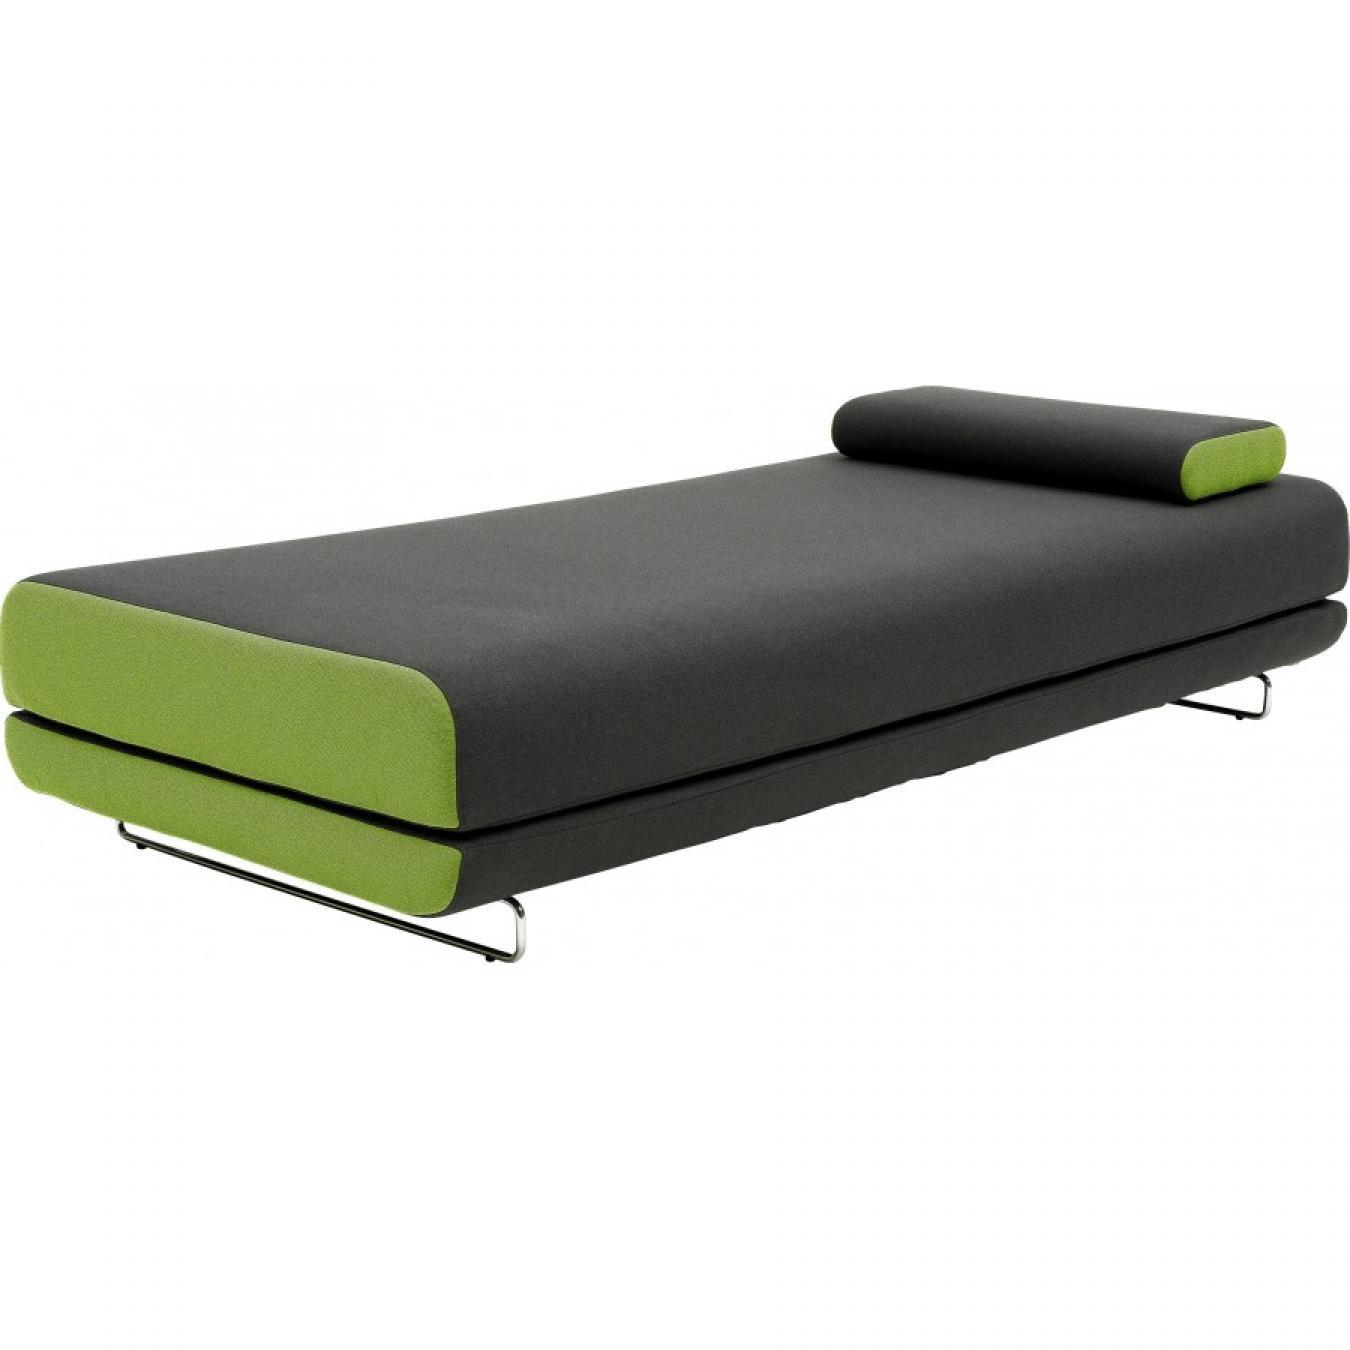 Photos canap lit confortable - Canape lit confortable ...